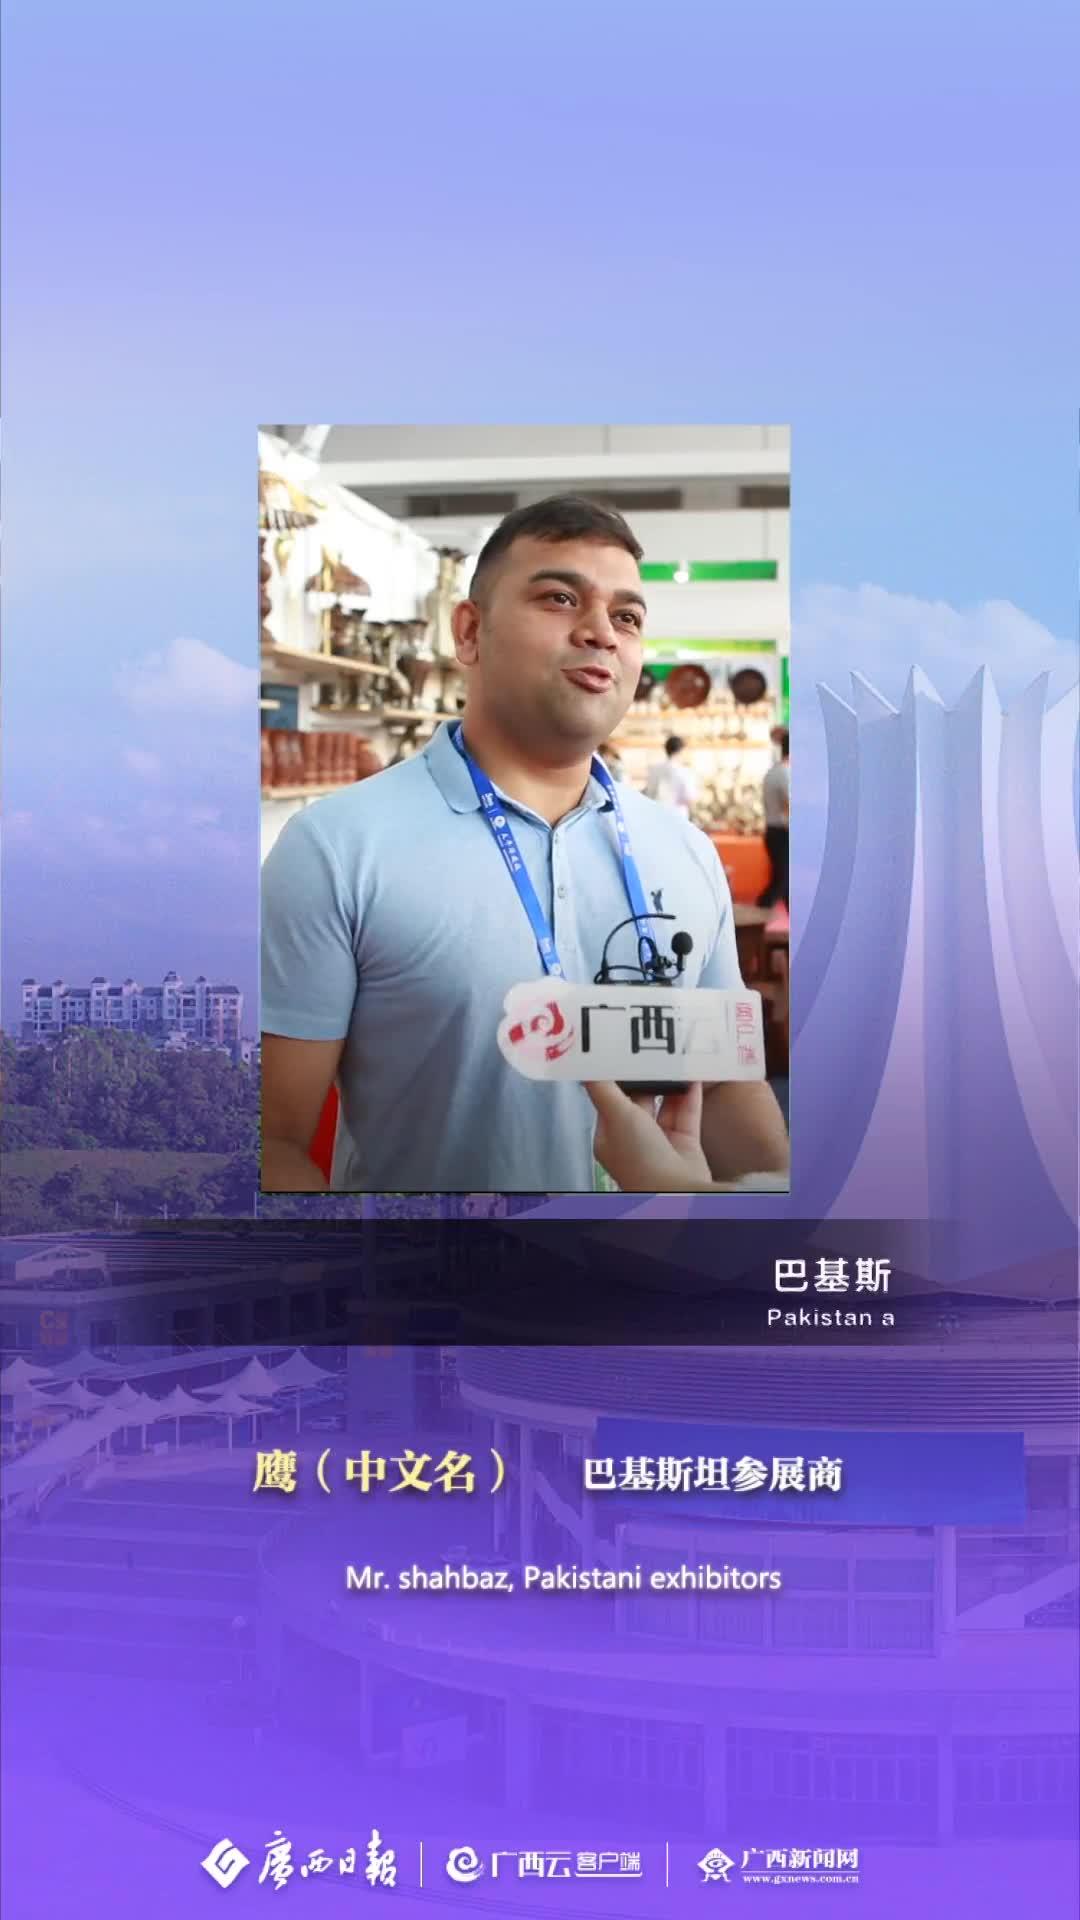 30年·30人·30秒丨shahbaz:中国—东盟博览会给大家提供了洽谈生意的机会(新)